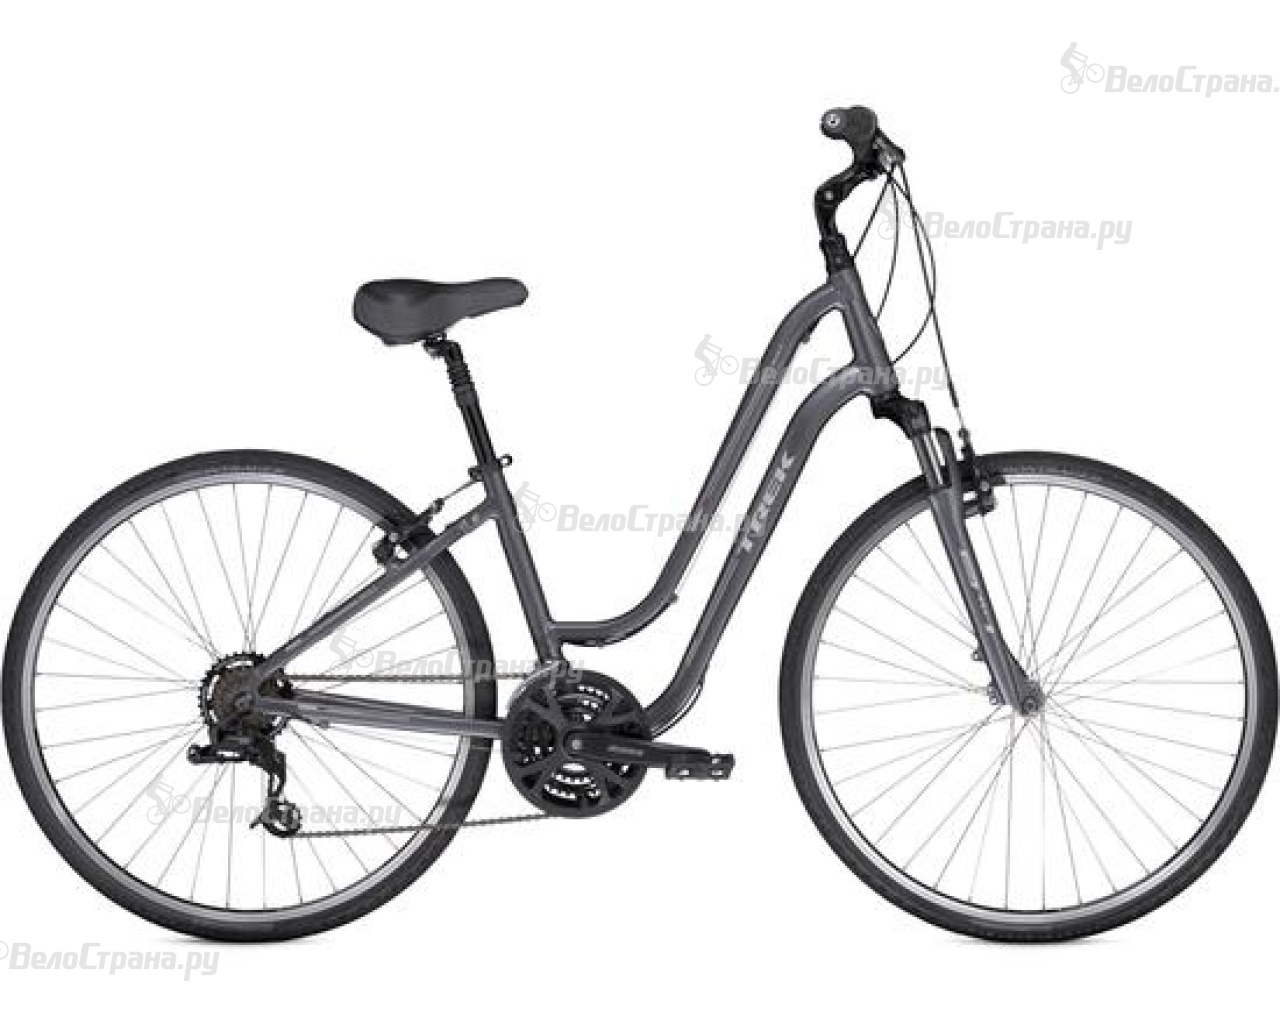 Велосипед Trek Verve 2 WSD (2013) велосипед trek 7 2 fx wsd 2013